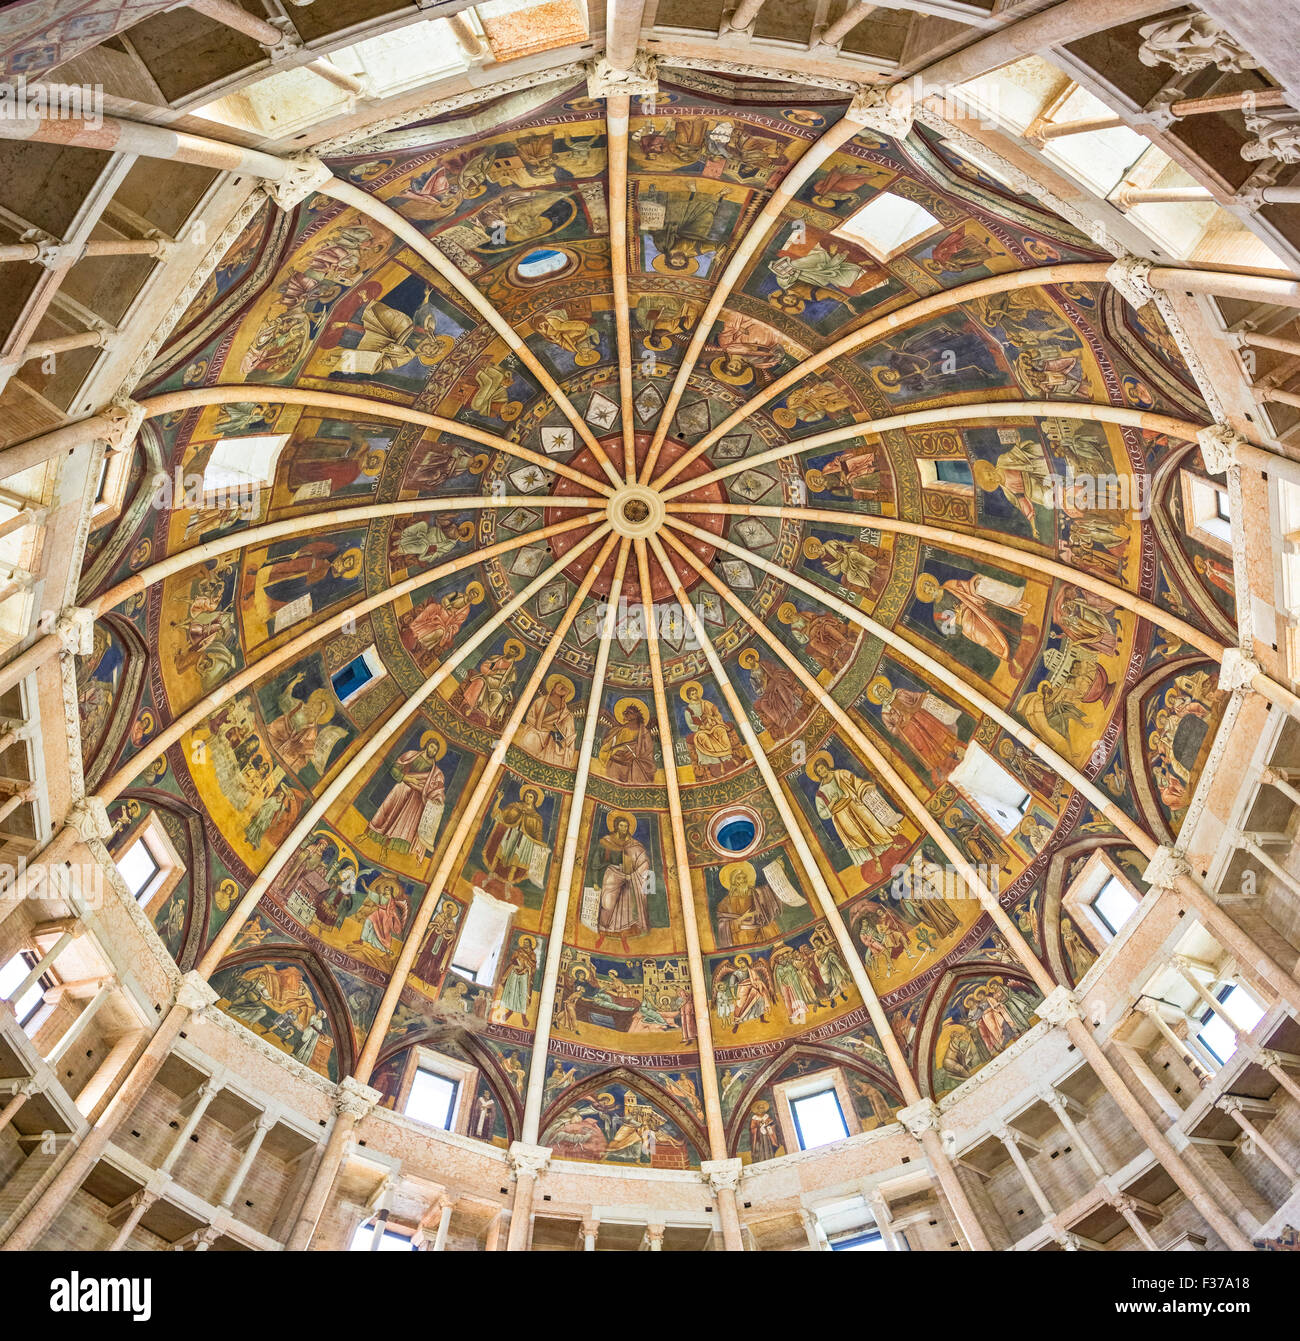 Baptistery interior, Parma, Emilia-Romagna, Italy - Stock Image